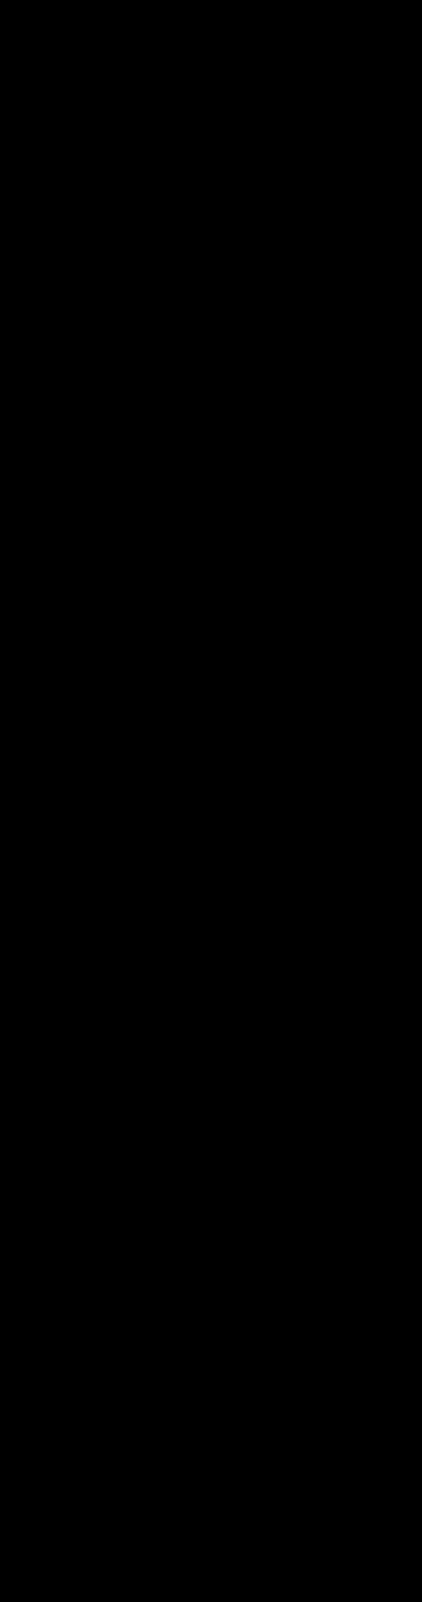 คอร์ดกีต้า คอร์ดกีตาร์ ง่าย เพลง ใจความสำคัญ (Ost. รักหมดแก้ว)